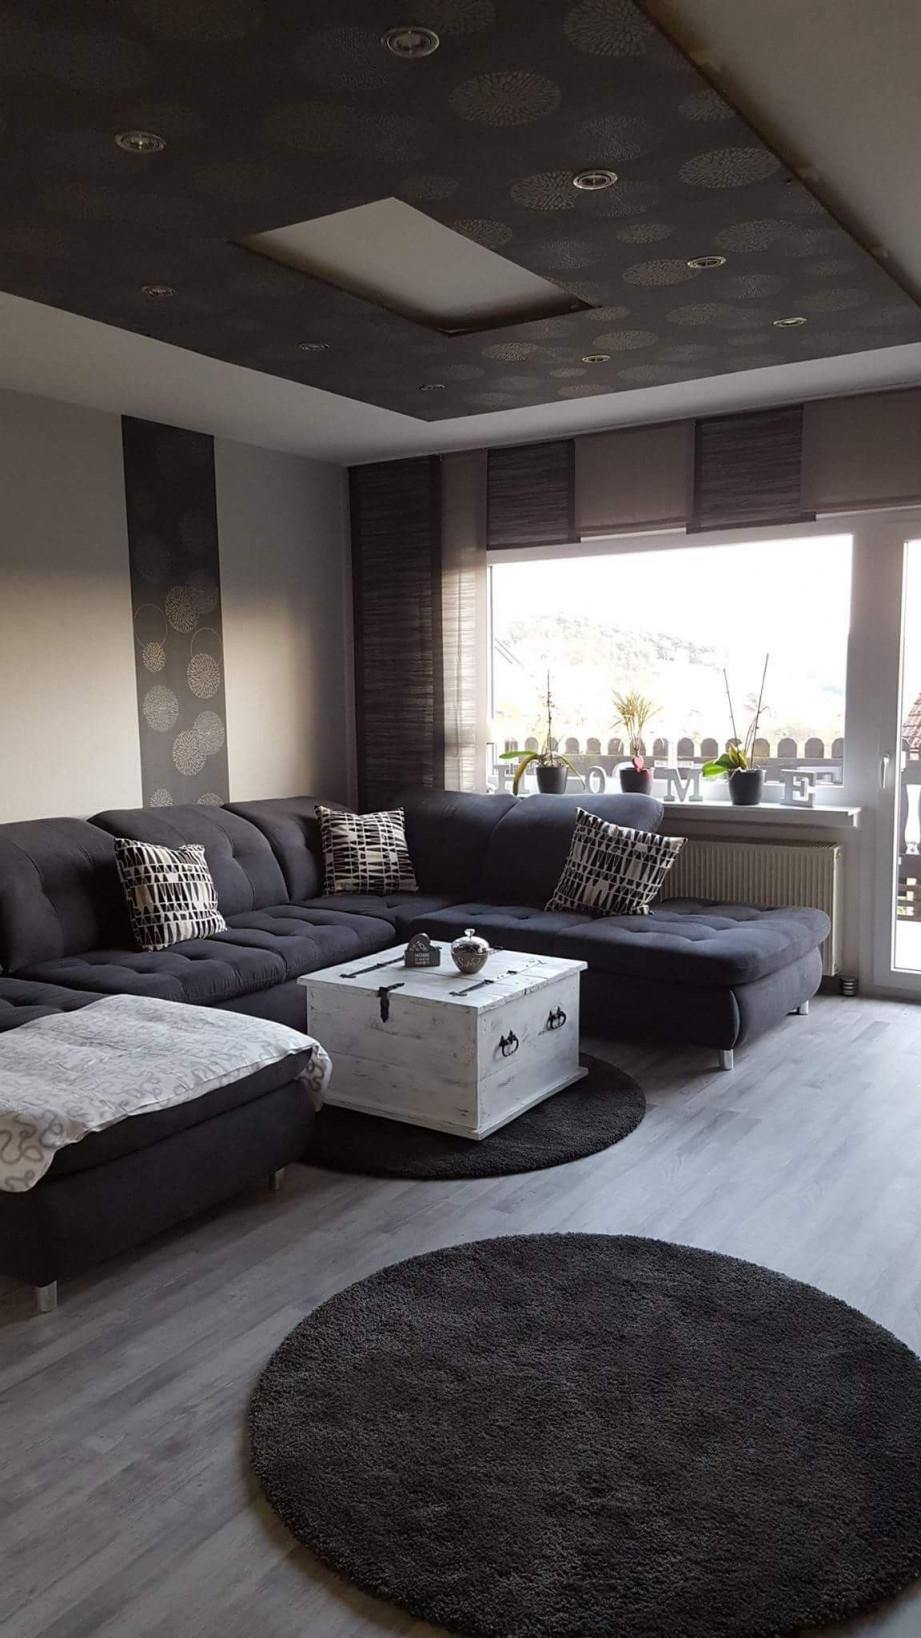 Verfuhrerisch Wohnzimmer In Grau Einrichten Beige Ideen von Graues Wohnzimmer Ideen Bild